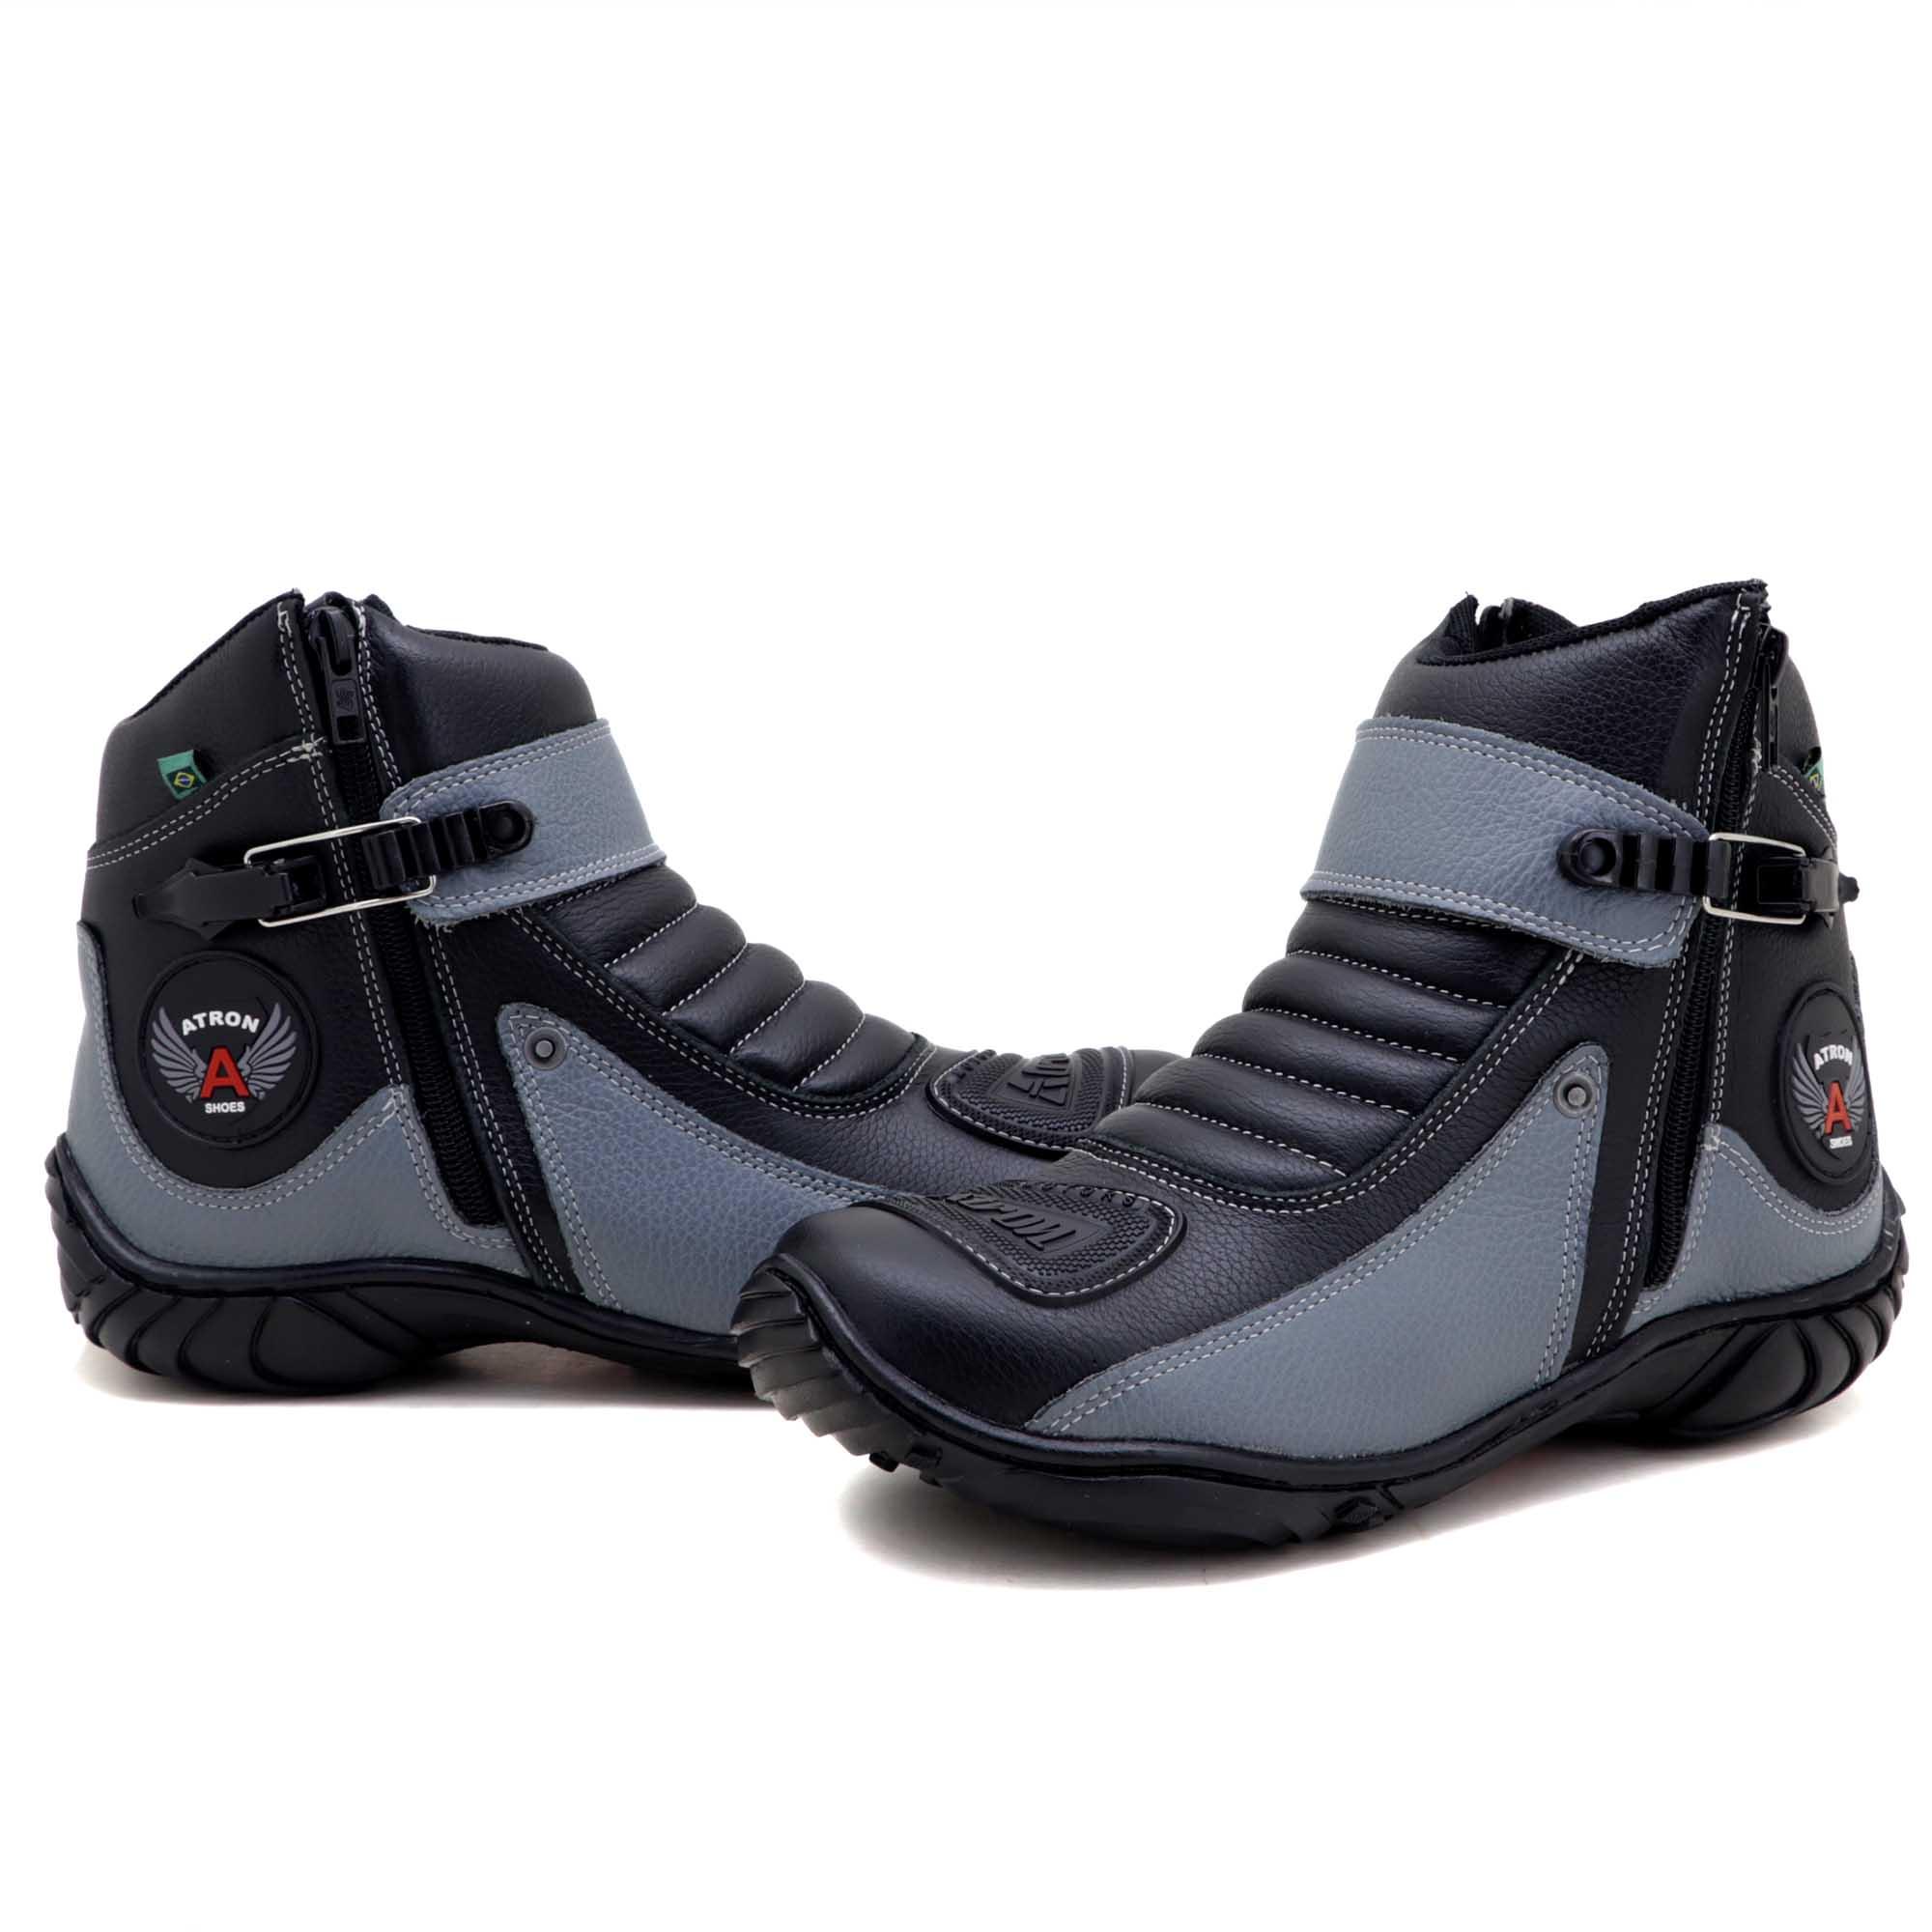 Bota motociclista de couro legítimo na cor preta e cinza 271